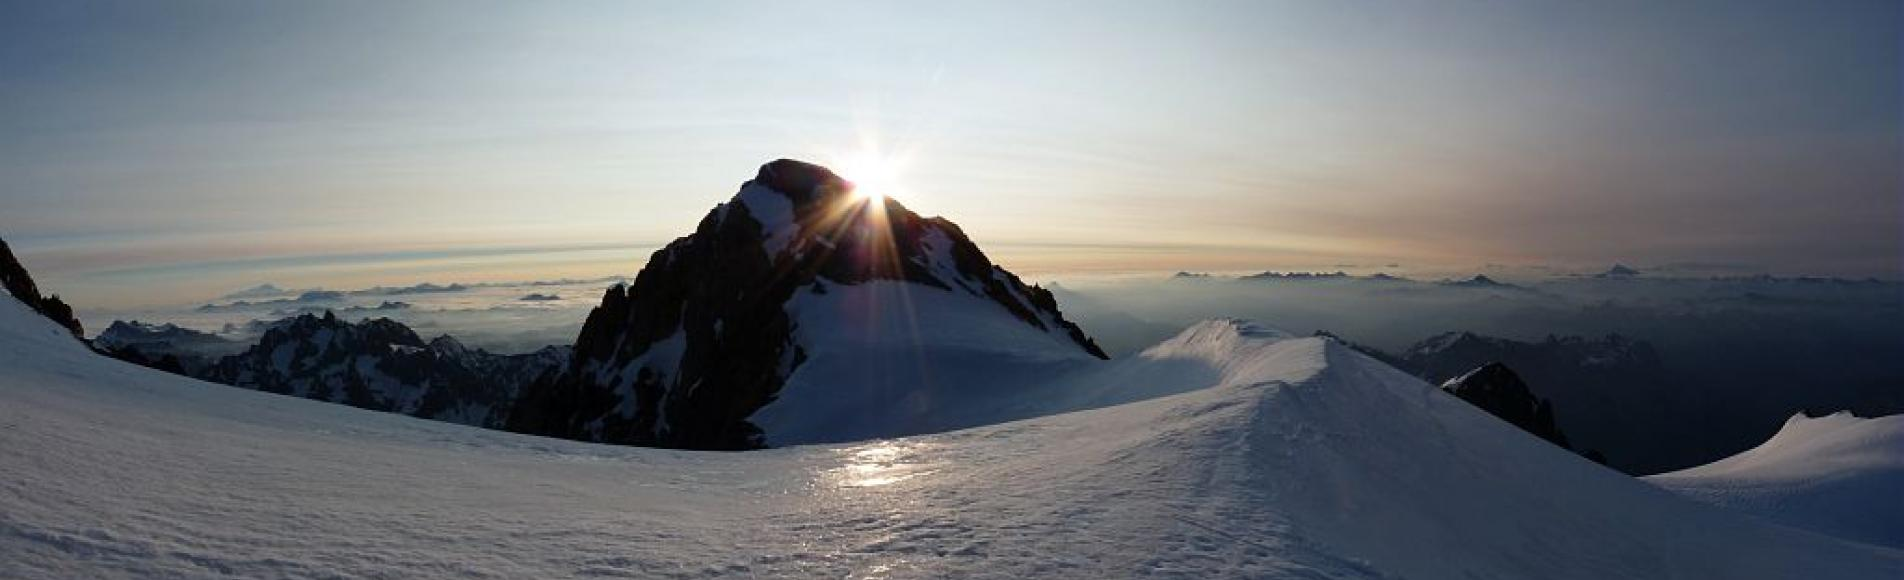 Soleil sur le Pelvoux © Emmanuelle Dova -  Parc national des Ecrins